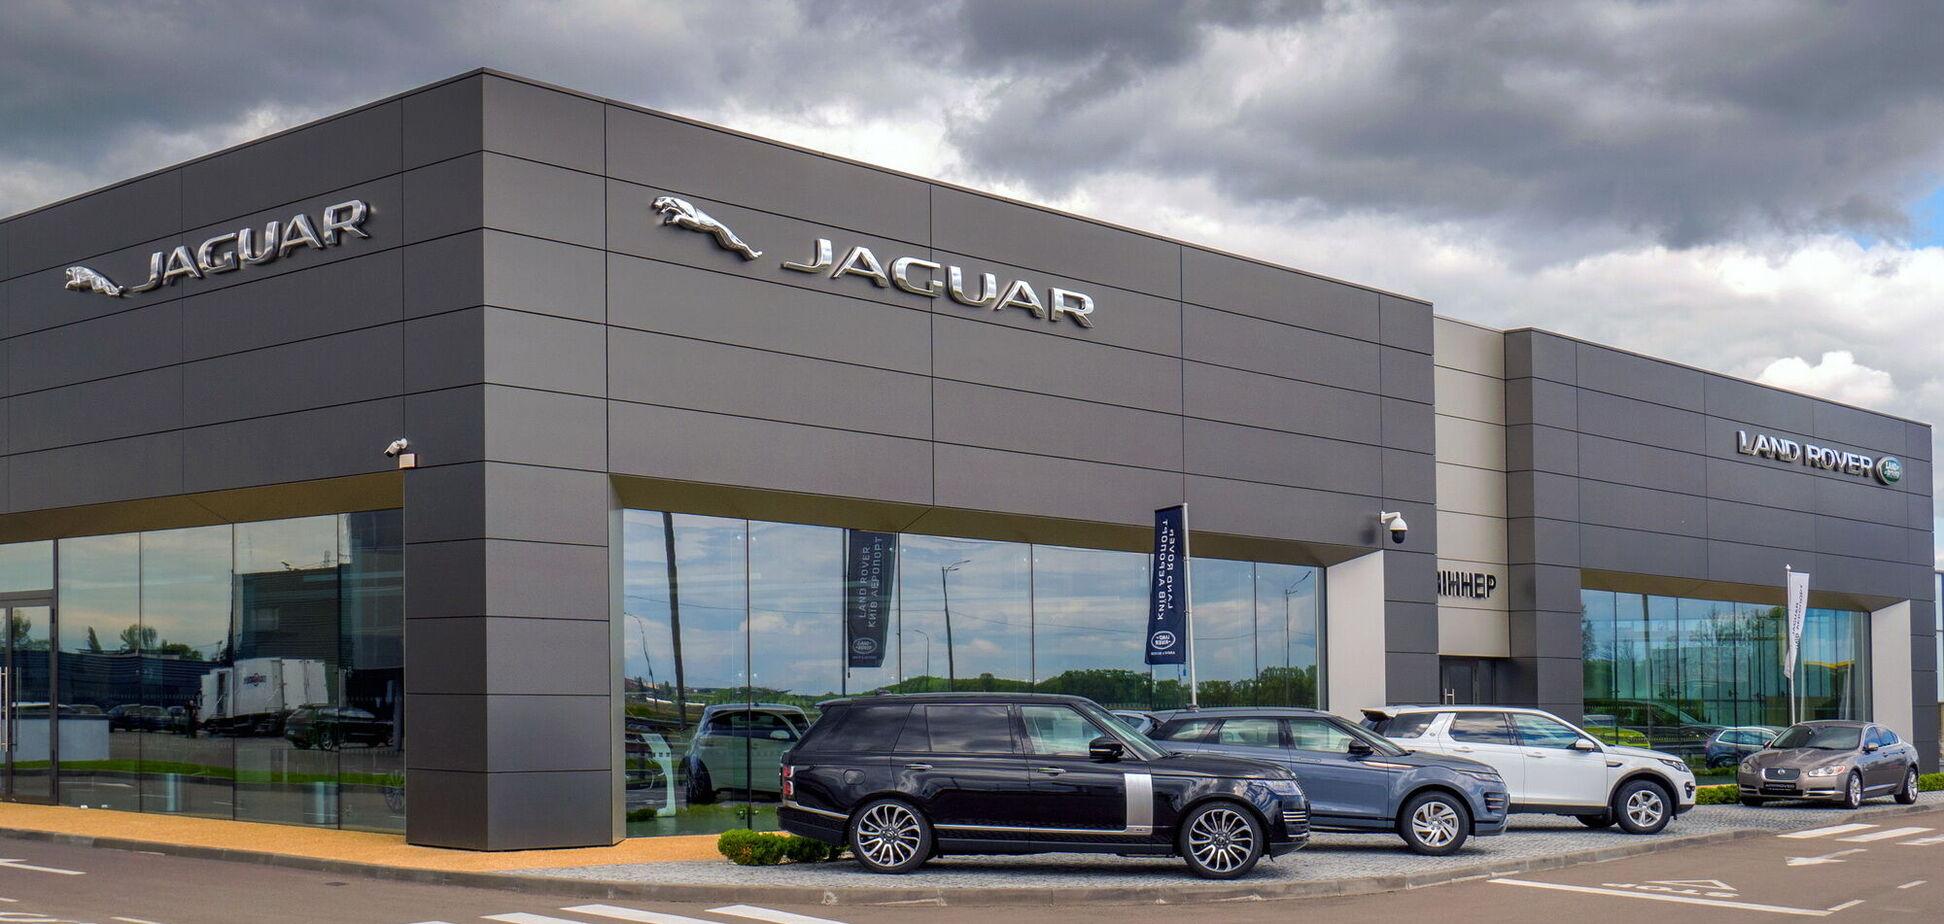 ТО для Jaguar и Land Rover: где проводить плановое облуживание